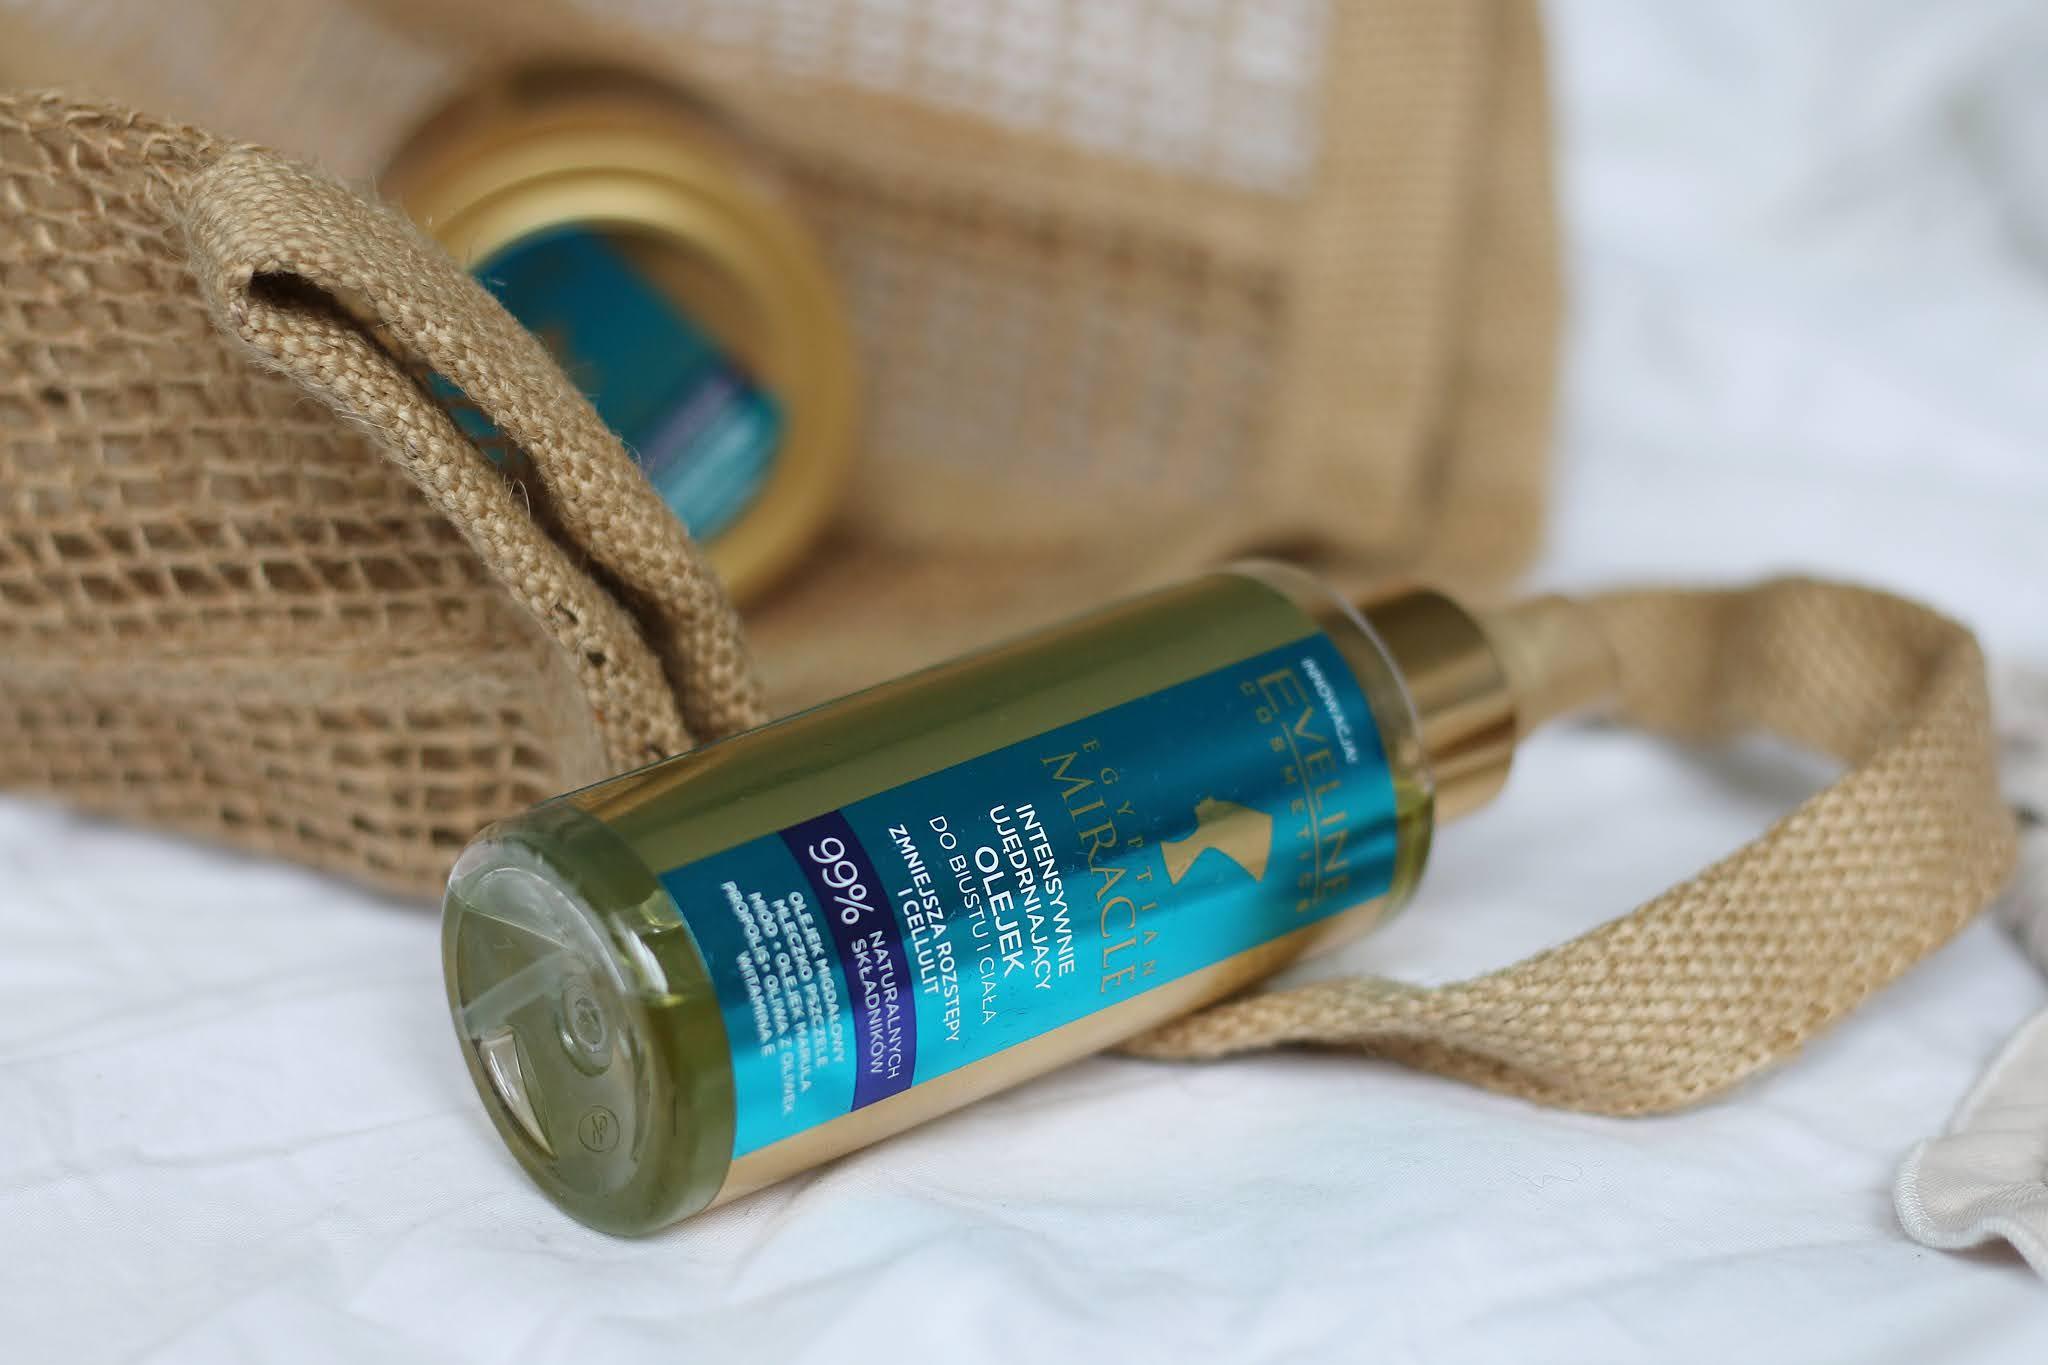 Eveline Egyptian Miracle intensywnie ujędrniający olejek do biustu i ciała